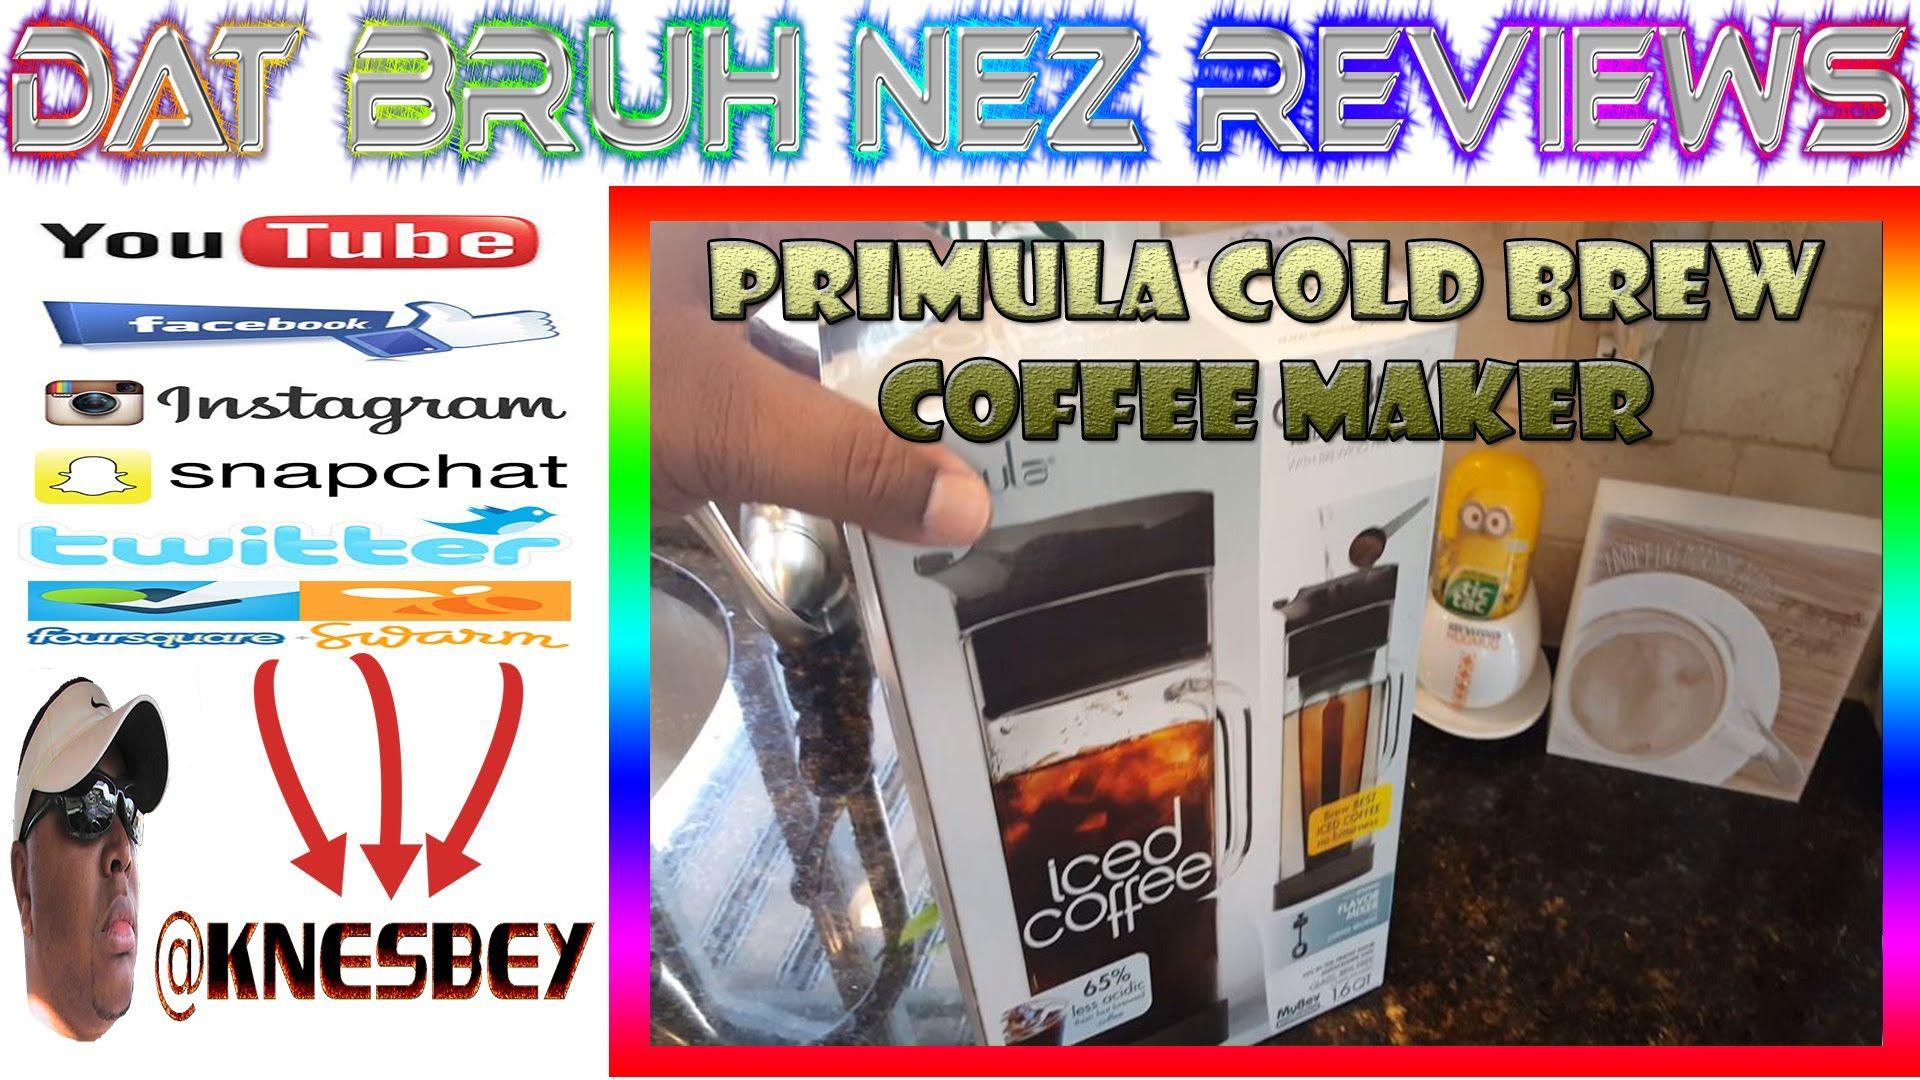 PRIMULA COLD BREW COFFEE MAKER Cold brew coffee maker